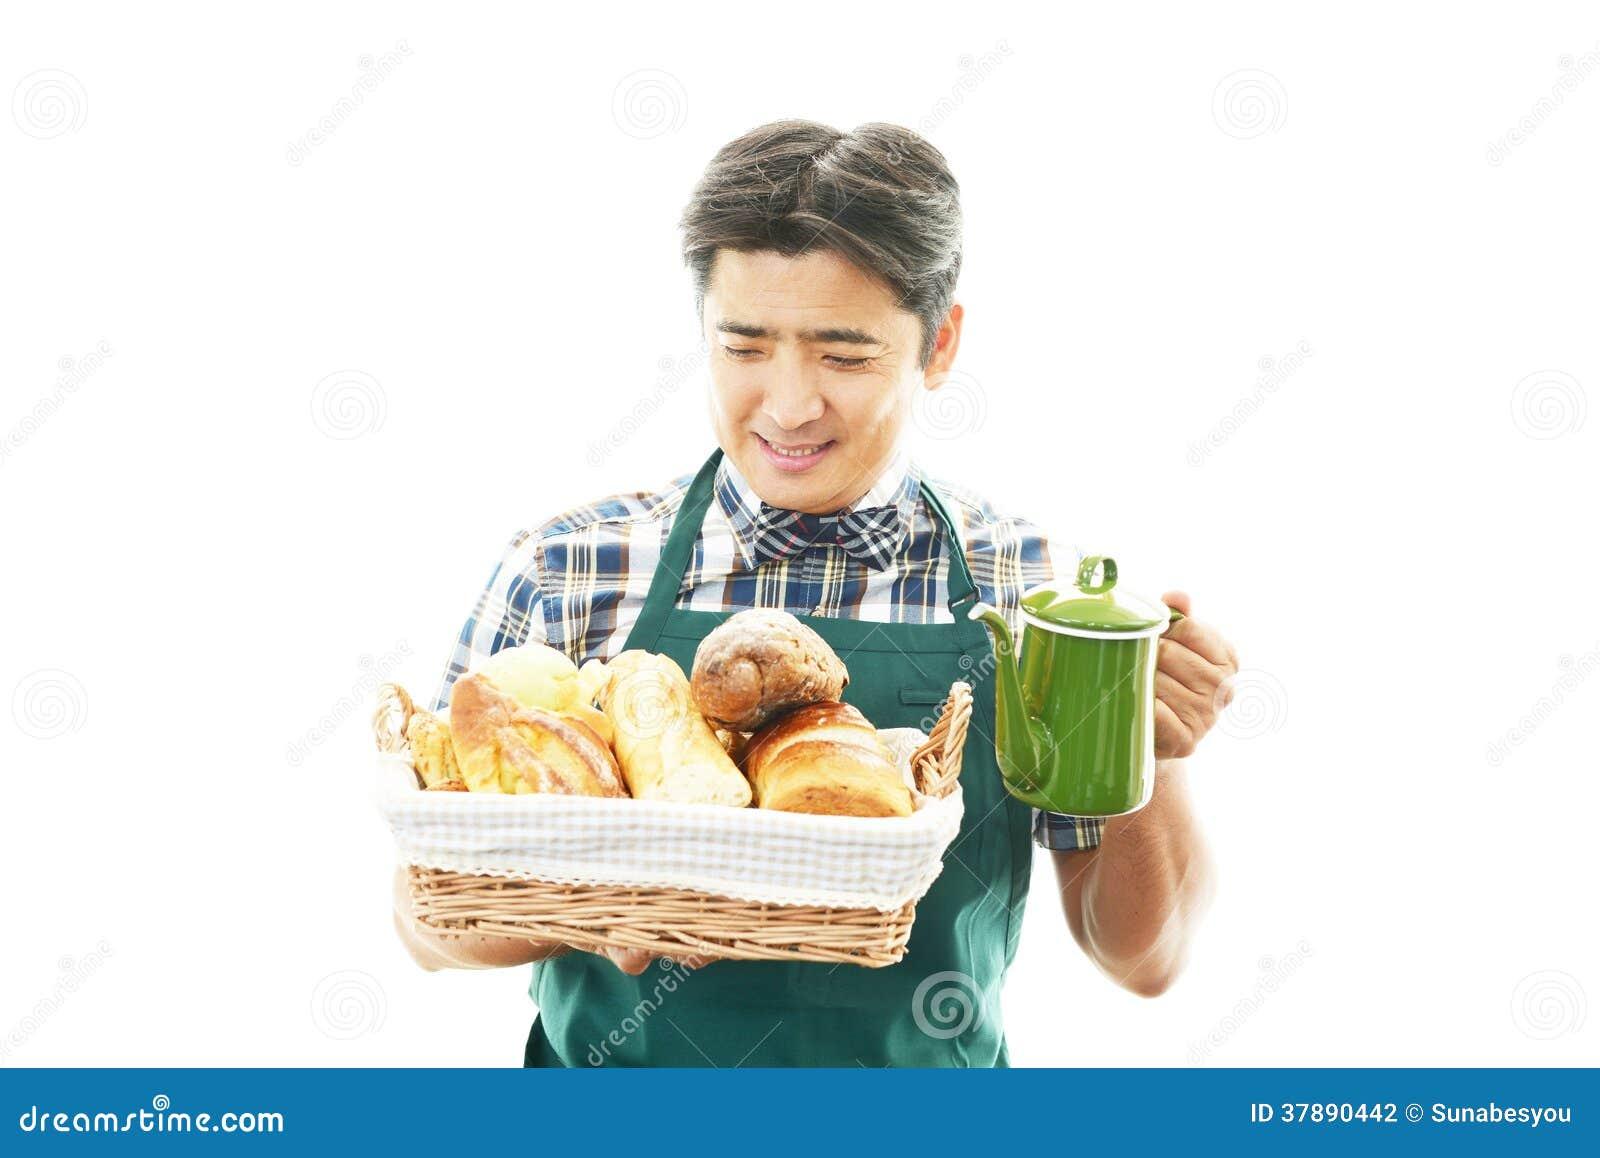 Χαμογελώντας ασιατικός σερβιτόρος